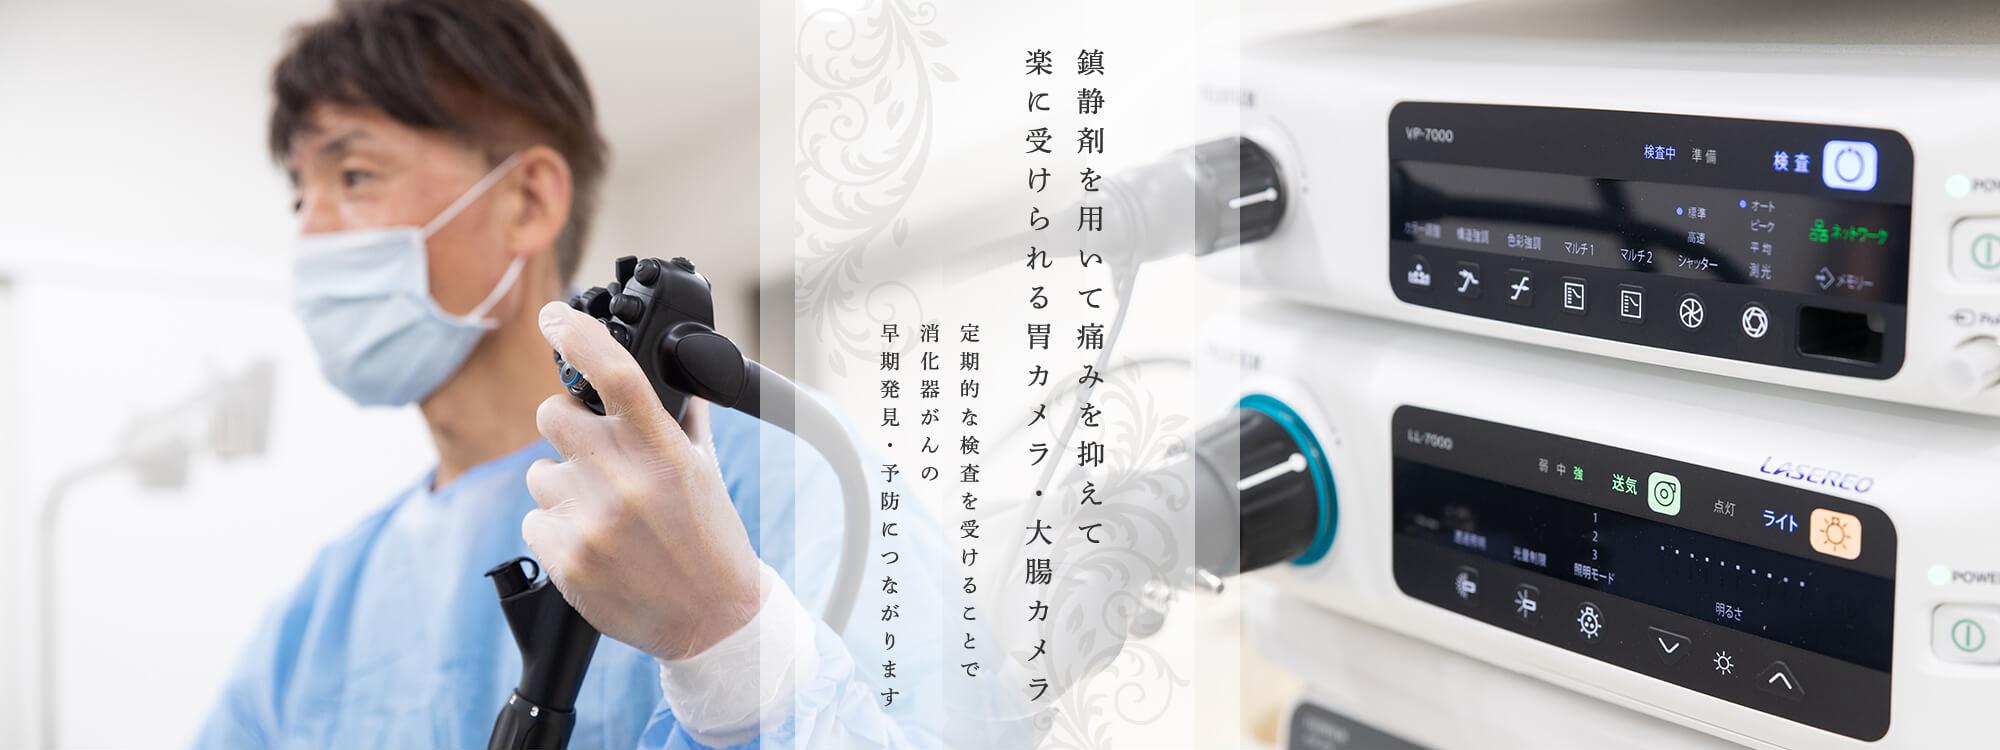 鎮静剤を用いて痛みを抑えて楽に受けられる胃カメラ・大腸カメラ